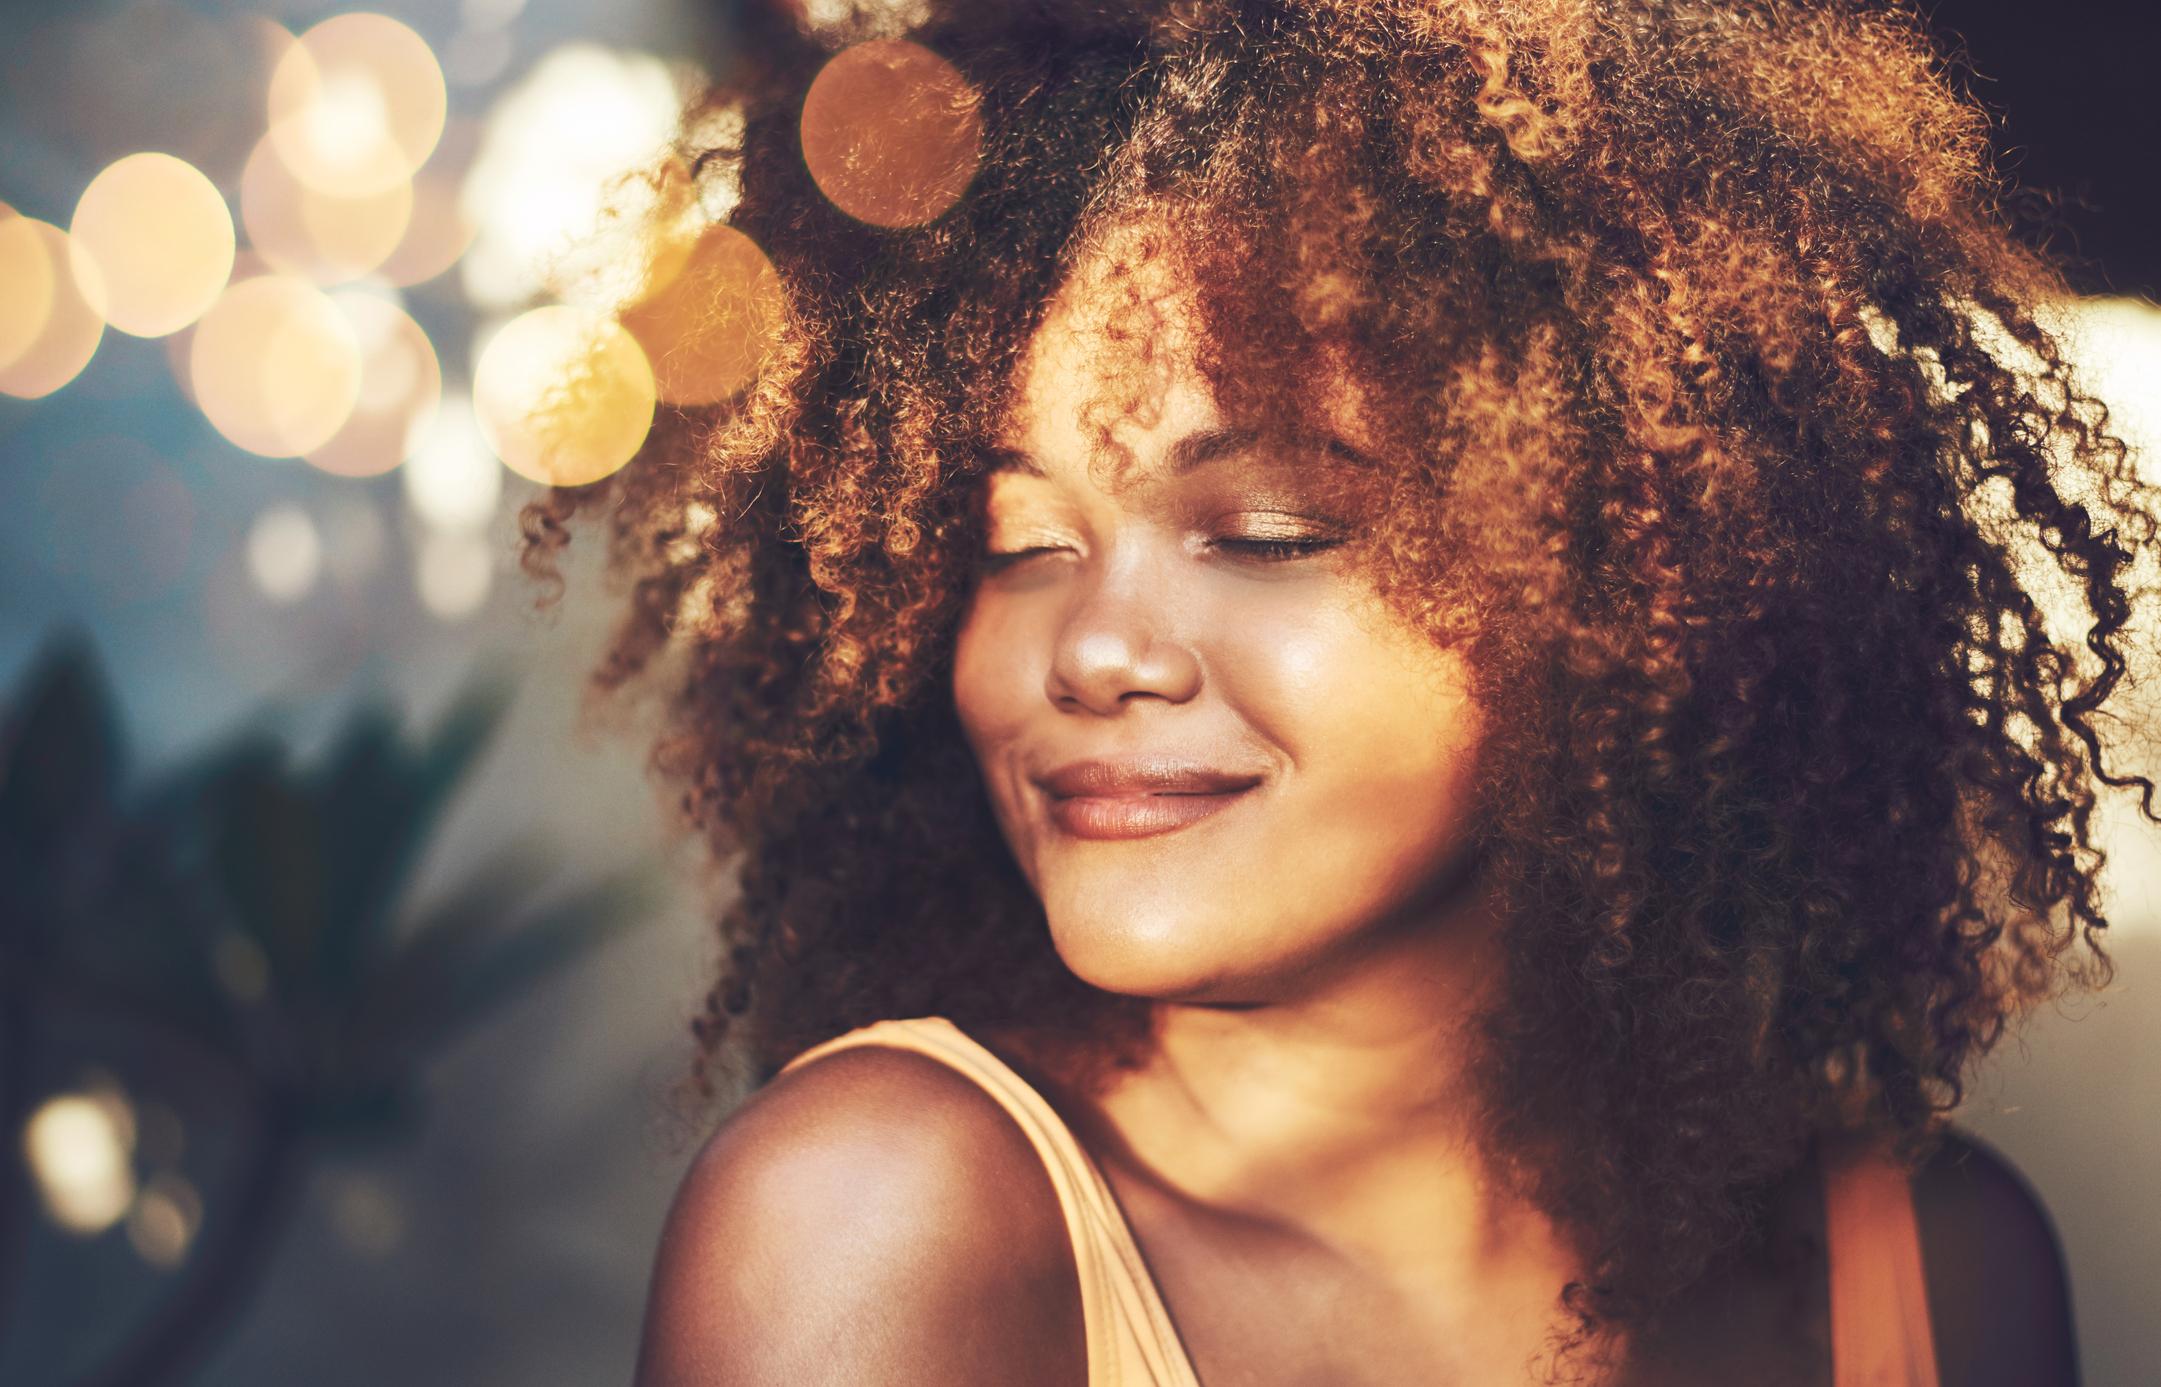 morena iluminada 3 - Dicas para arrasar com o look morena iluminada no cabelo cacheado e crespo